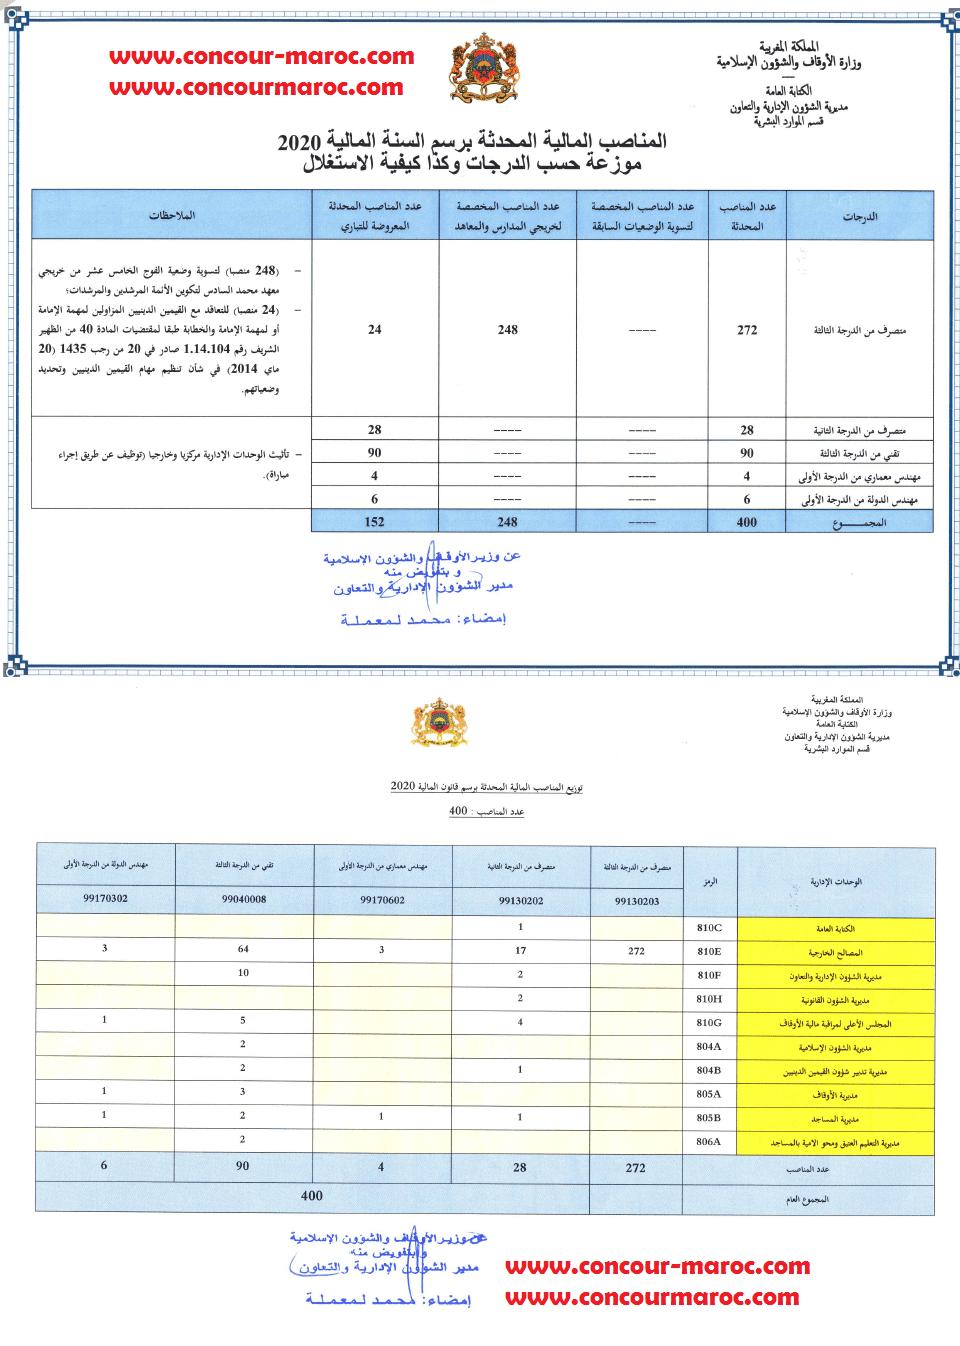 وزارة الأوقاف والشؤون الإسلامية تعلن عن لائحة المناصب لتوظيف 400 منصب موزعة حسب الدرجات و كدا كيفية الاستغلال برسم سنة 2020 Concou27